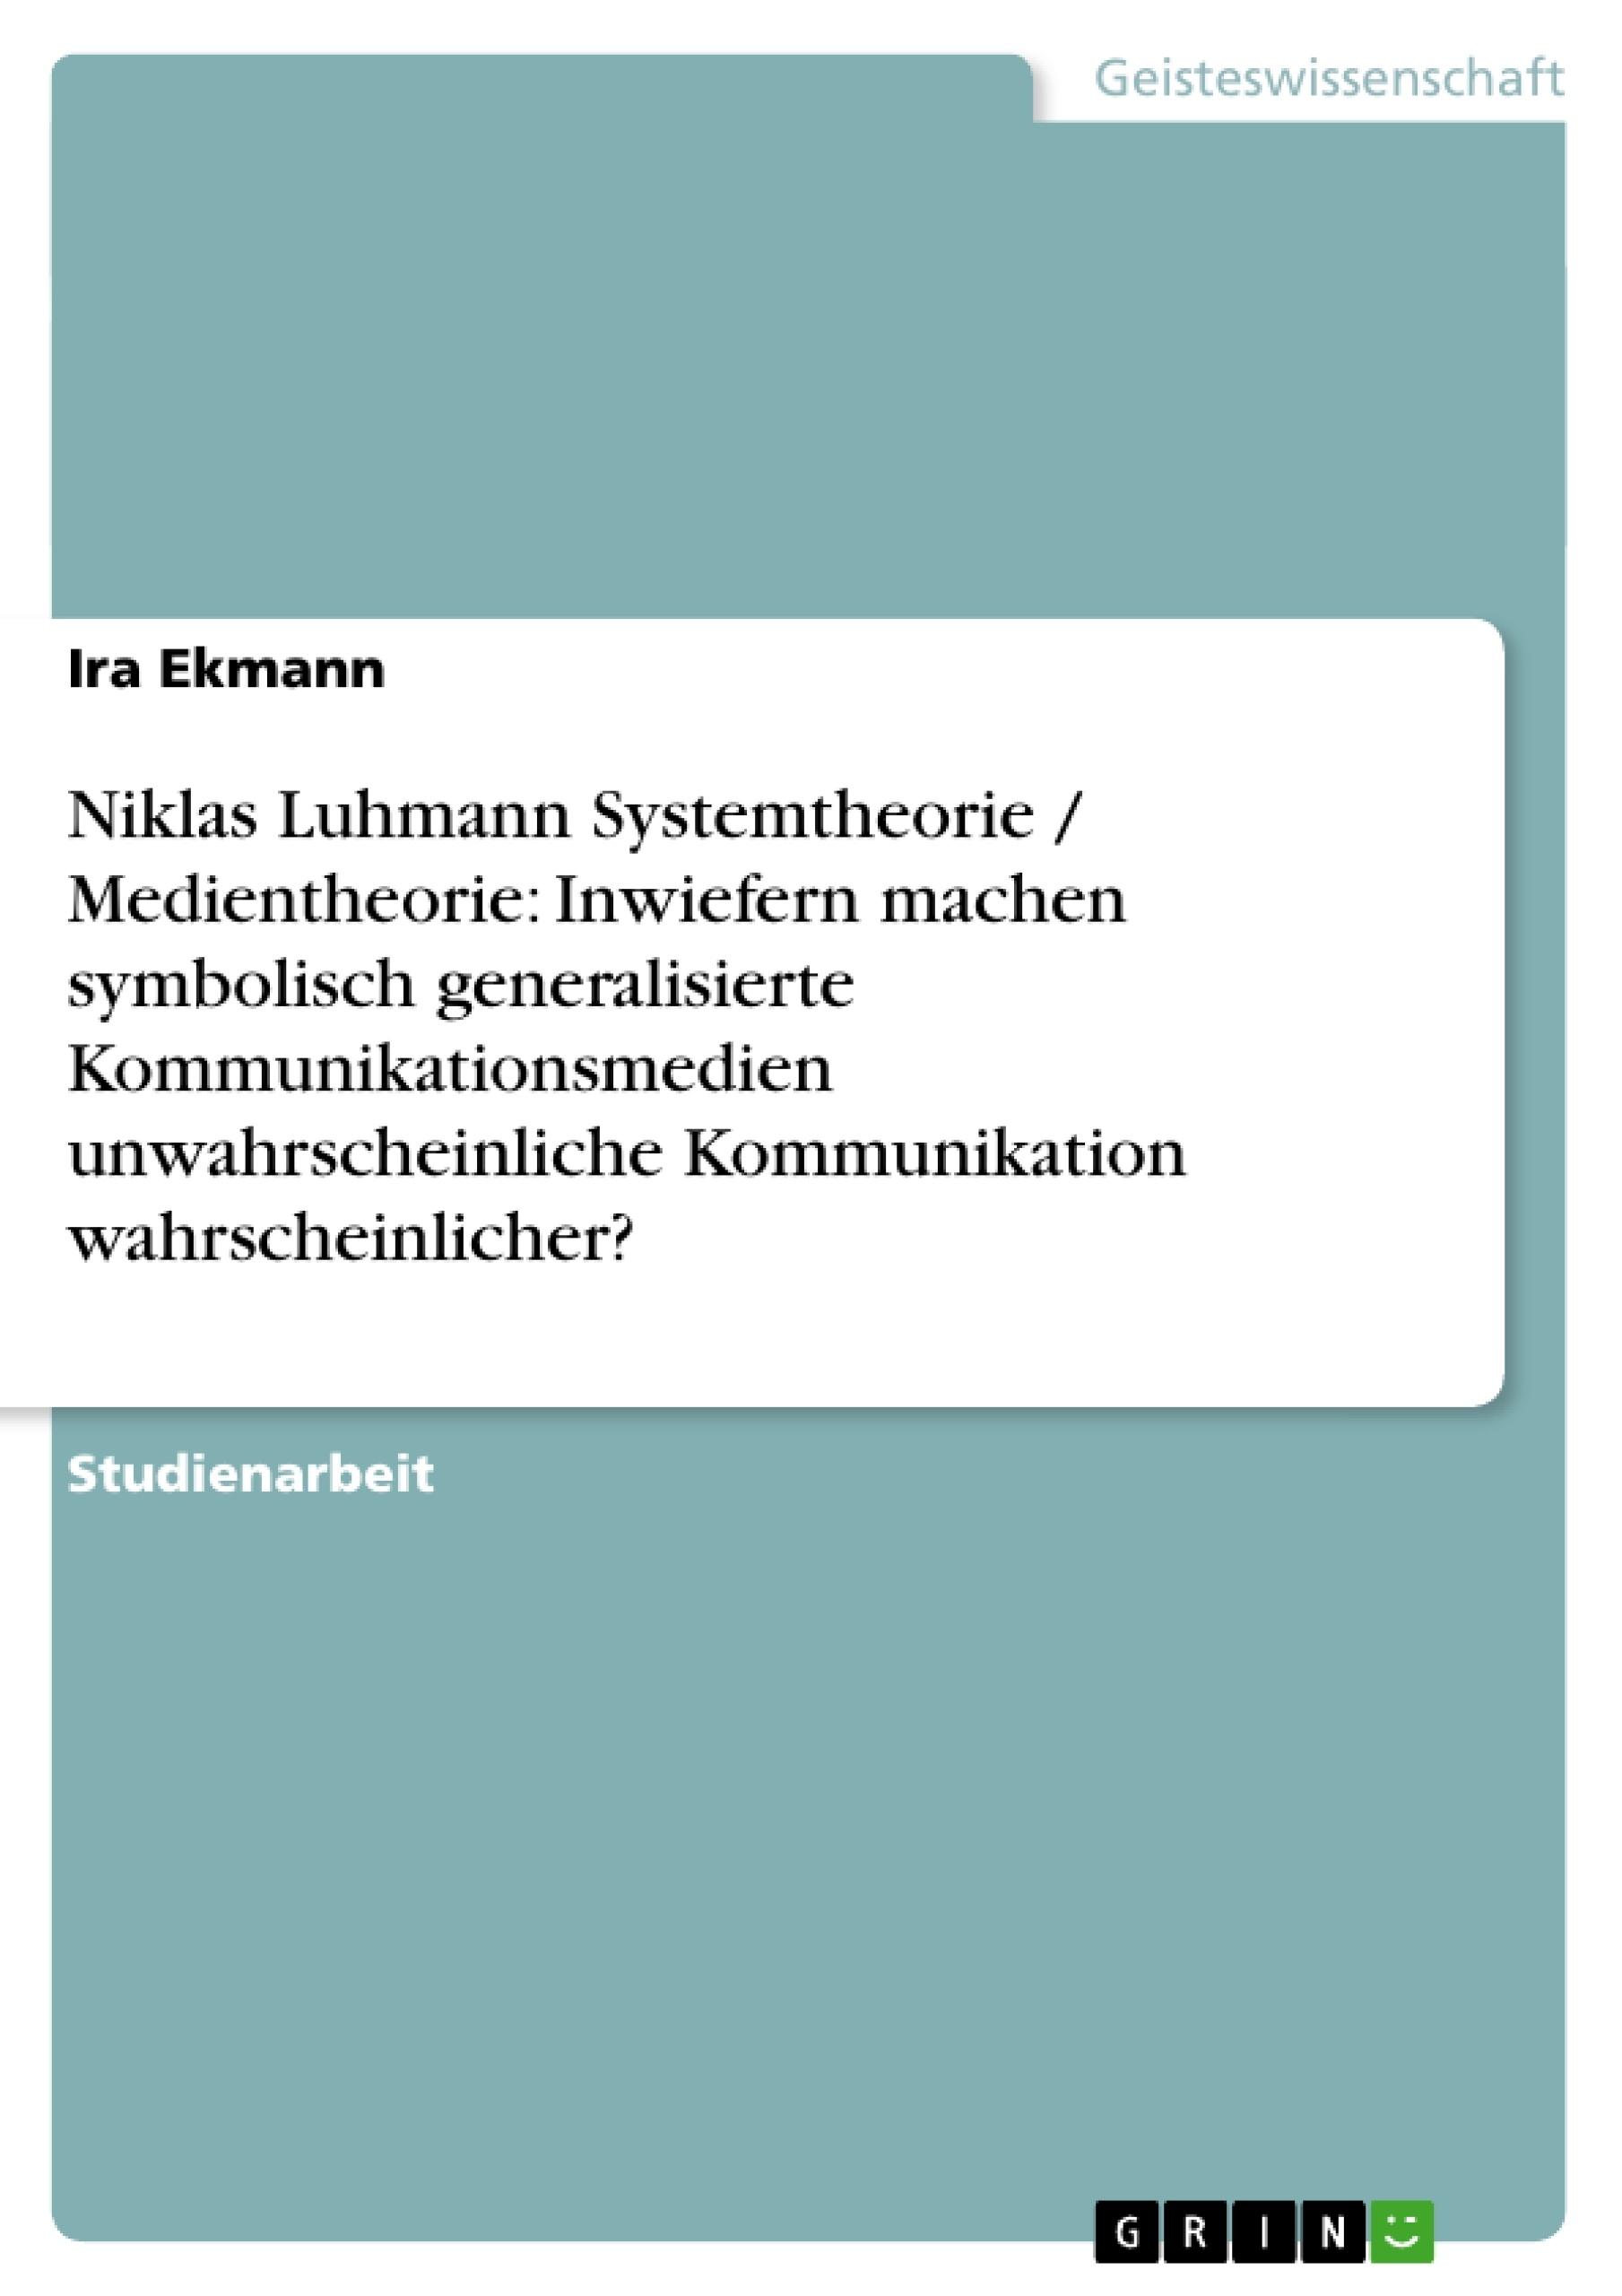 Titel: Niklas Luhmann Systemtheorie / Medientheorie: Inwiefern machen symbolisch generalisierte Kommunikationsmedien unwahrscheinliche Kommunikation wahrscheinlicher?